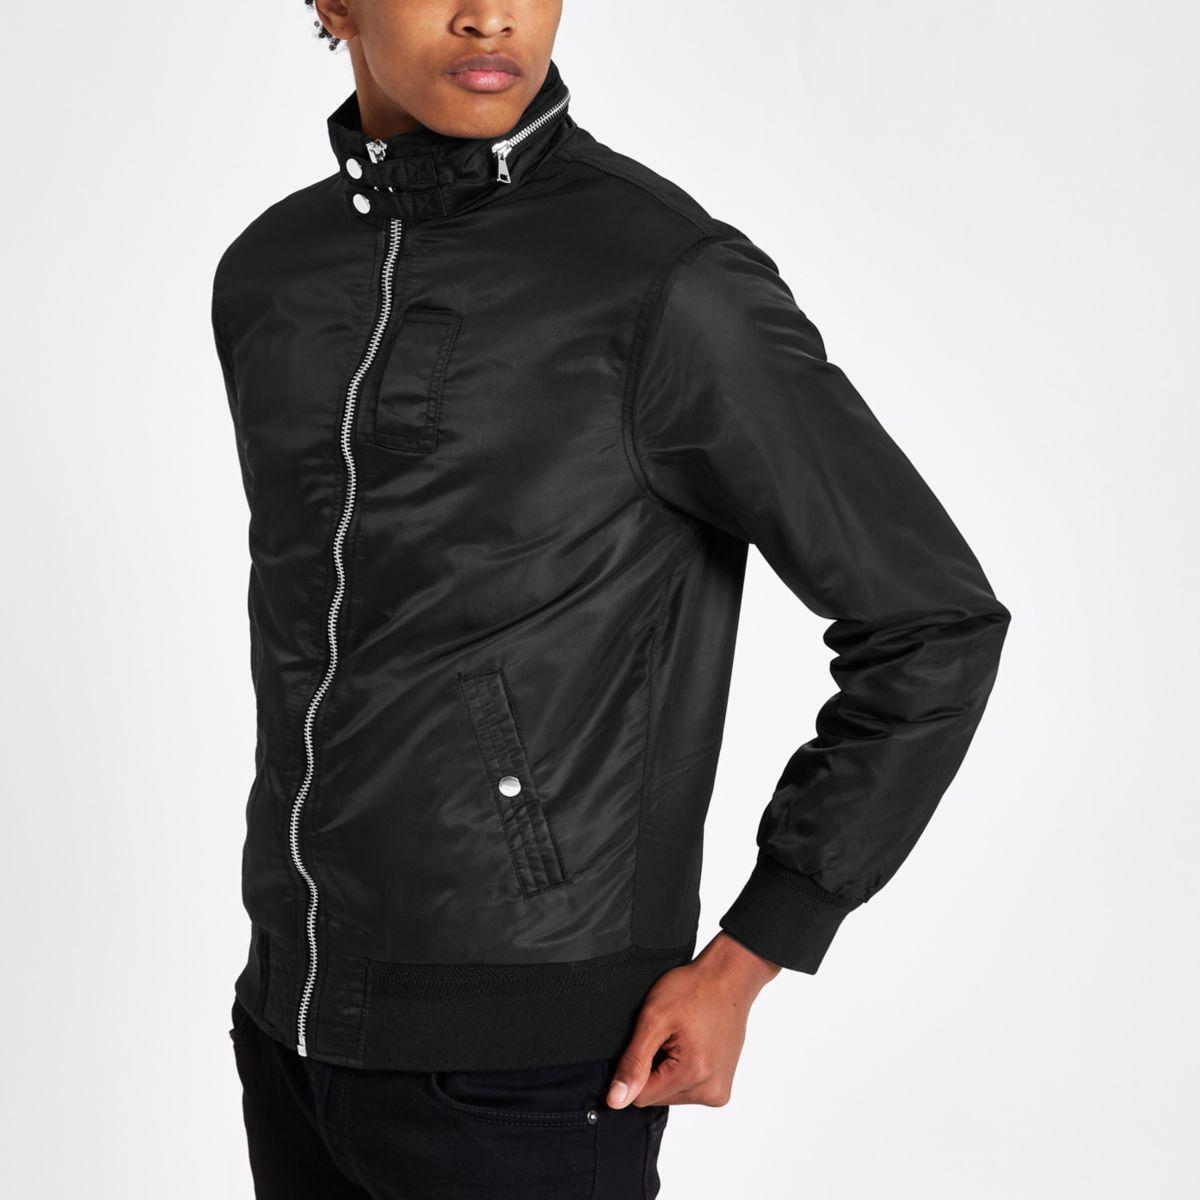 Black racer neck jacket